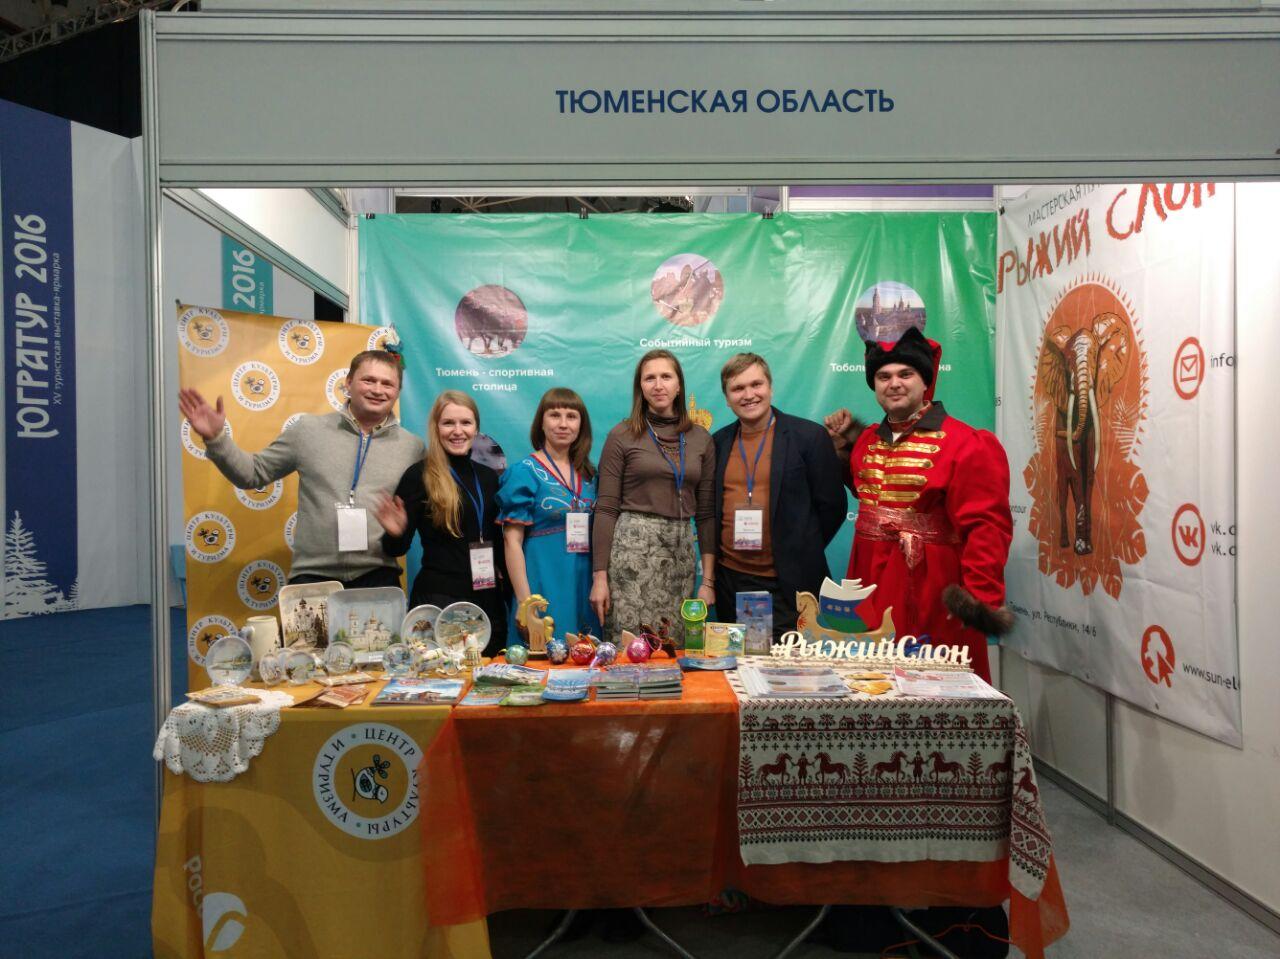 Югорский карнавал признан лучшим инновационным событийным проектом России